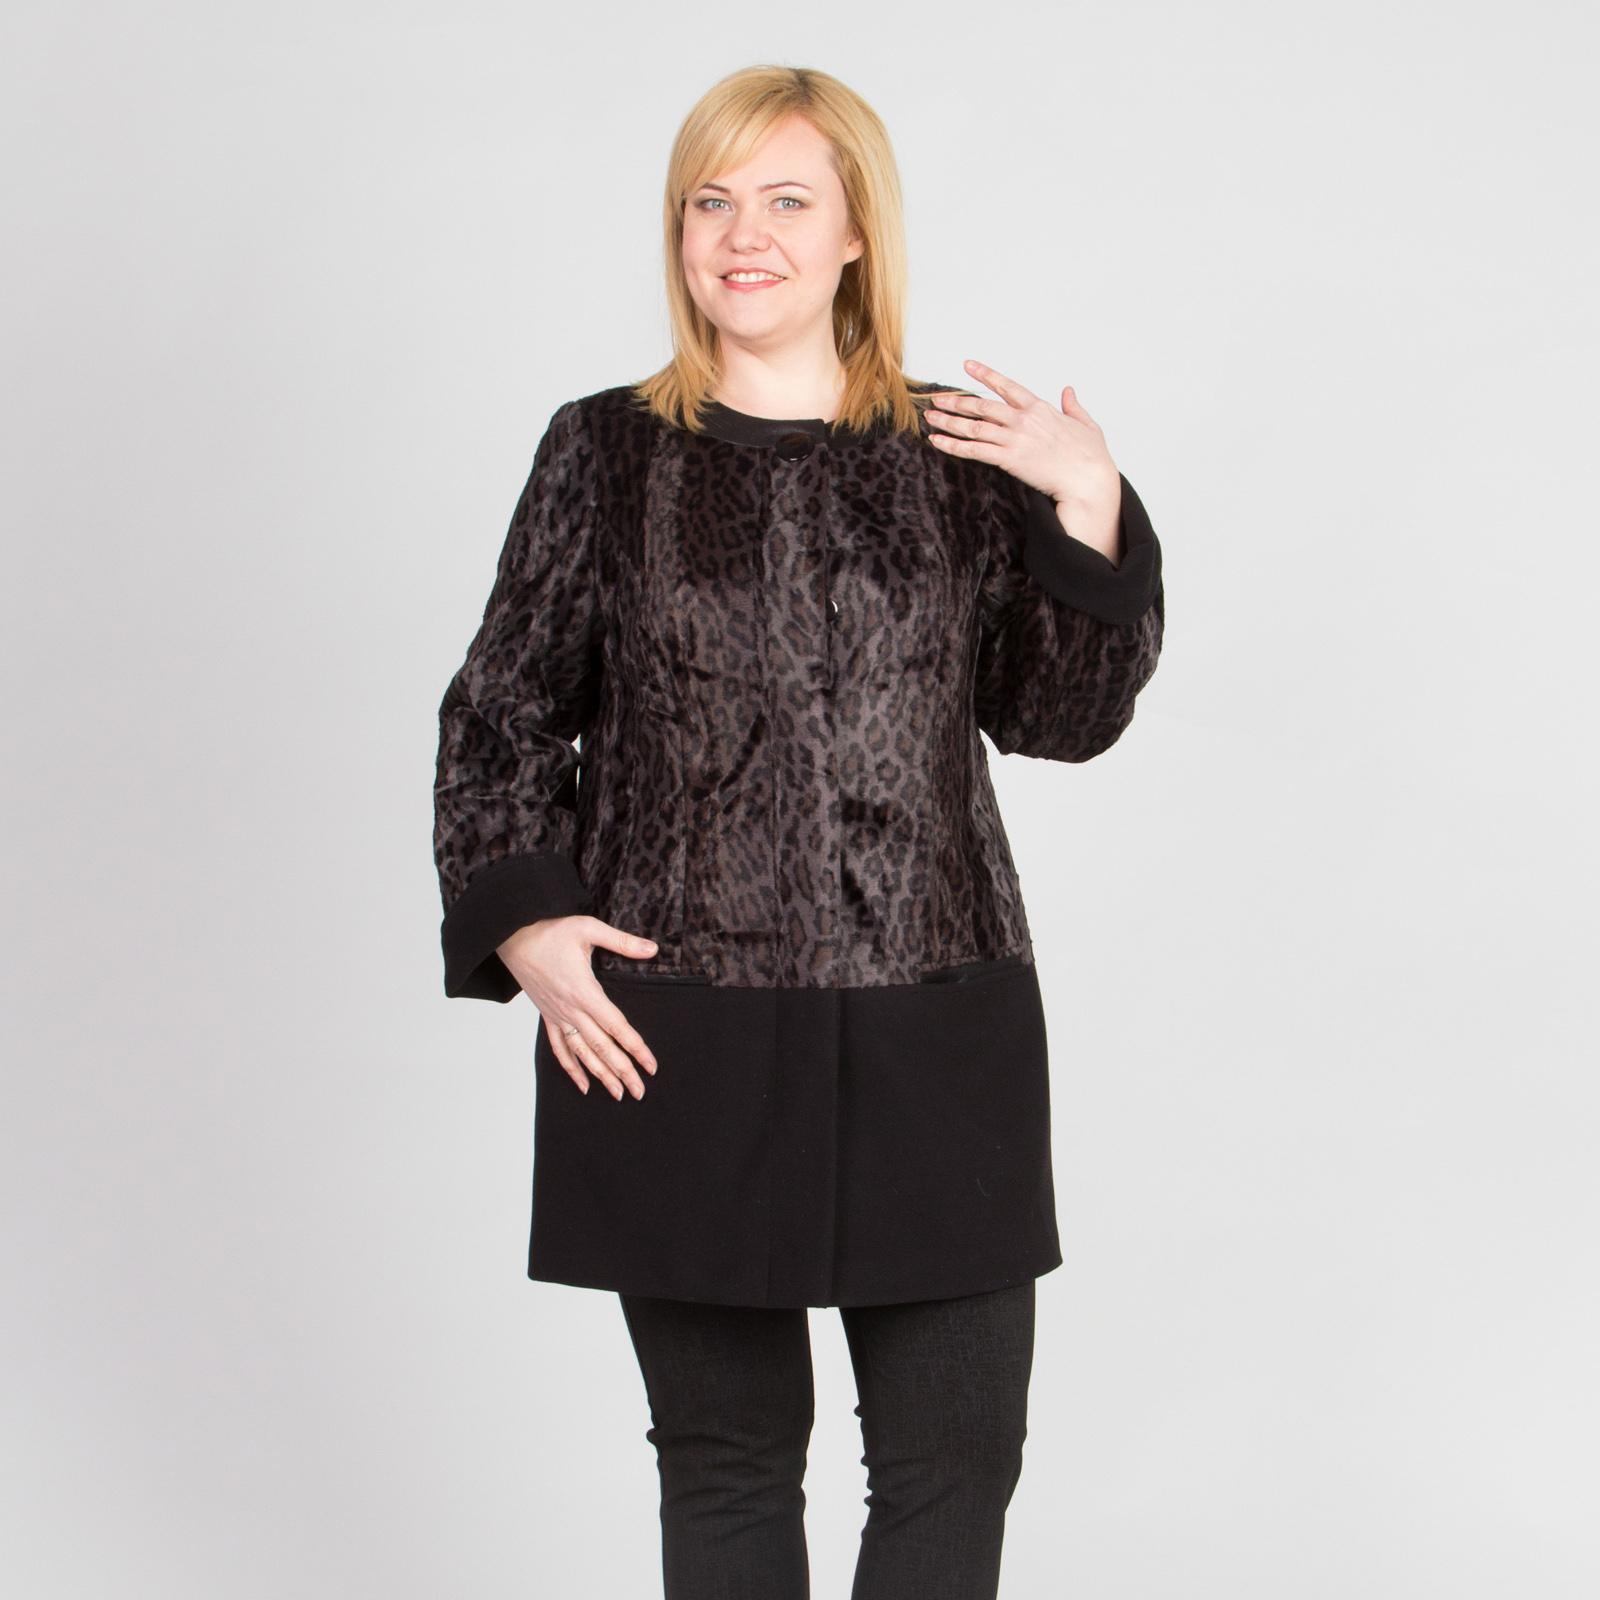 Пальто элегантного дизайна с леопардовым принтом